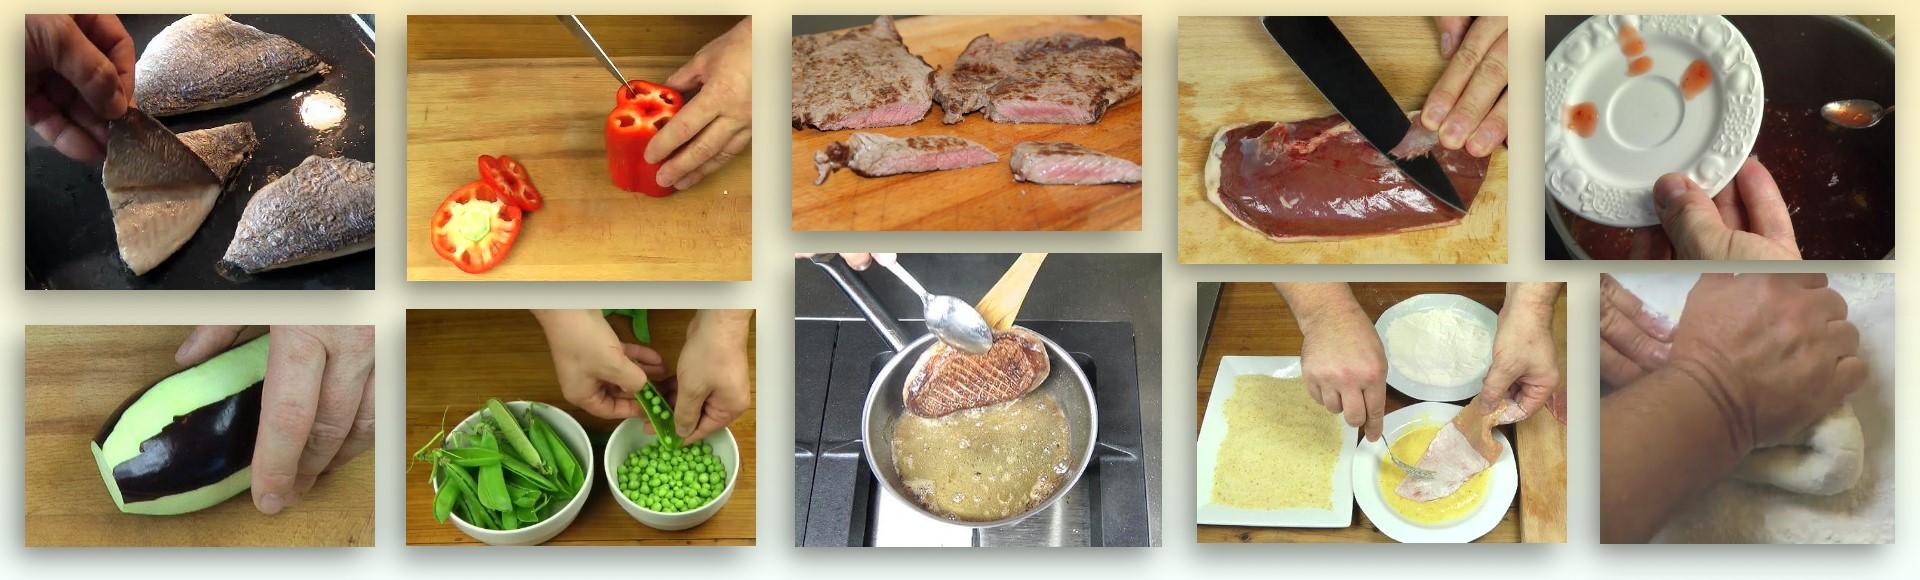 Die online-Kochschule